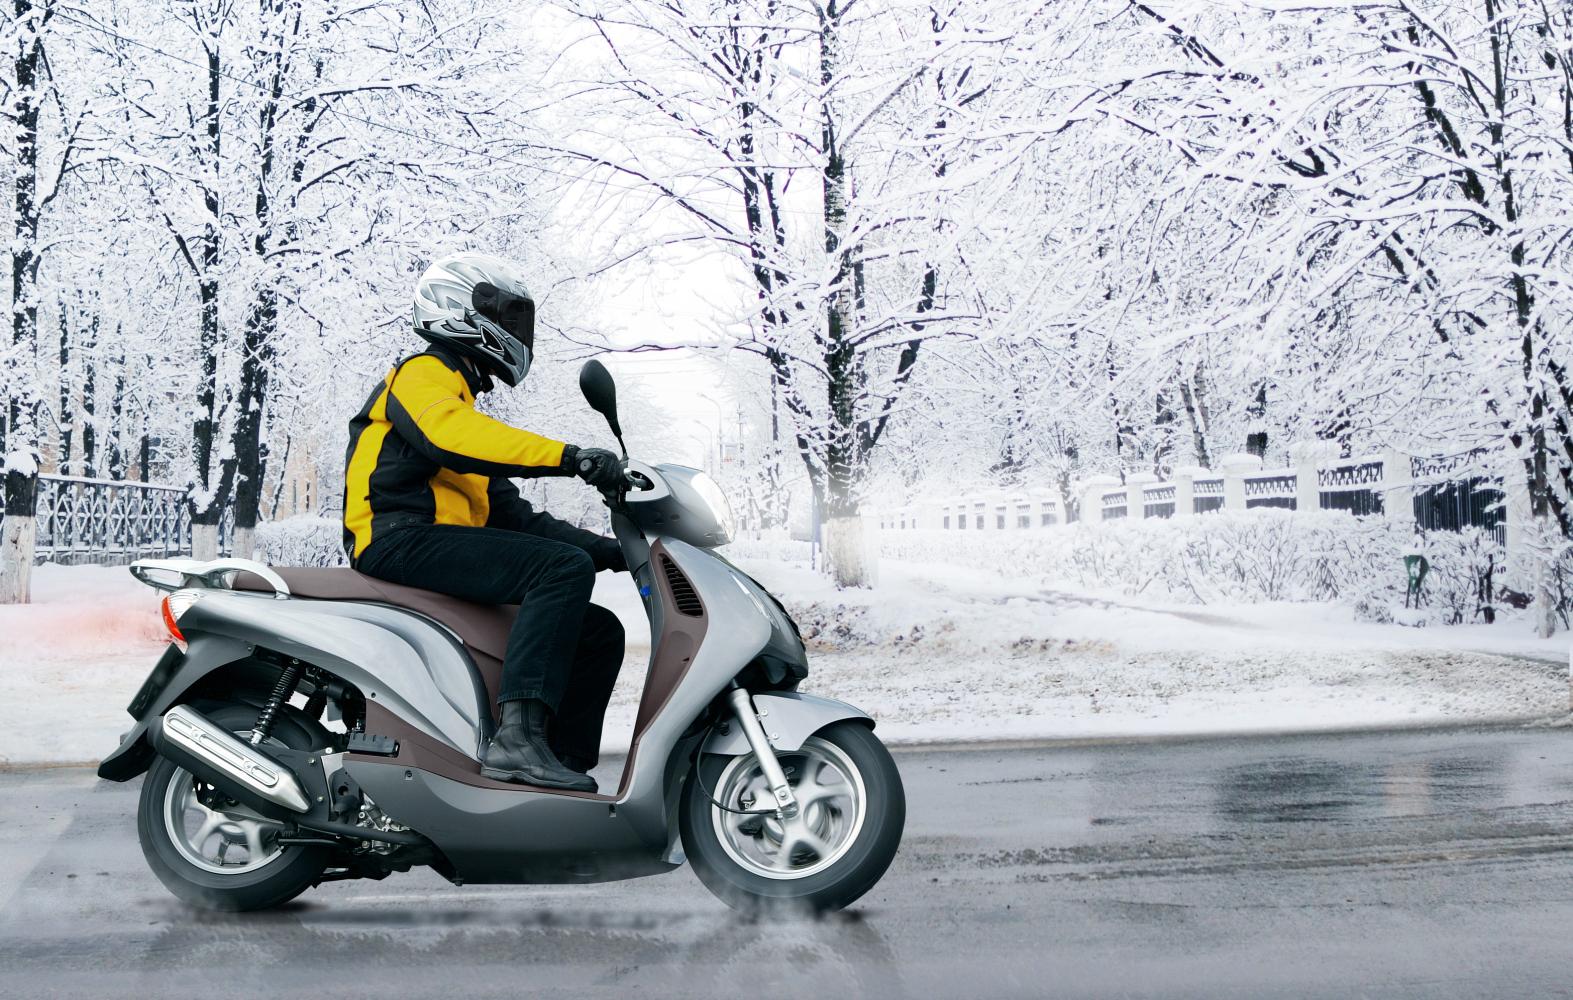 Válido también para motocicletas: los neumáticos de invierno presentan ventajas en caso de agua y hielo. (Photo: Business Wire)